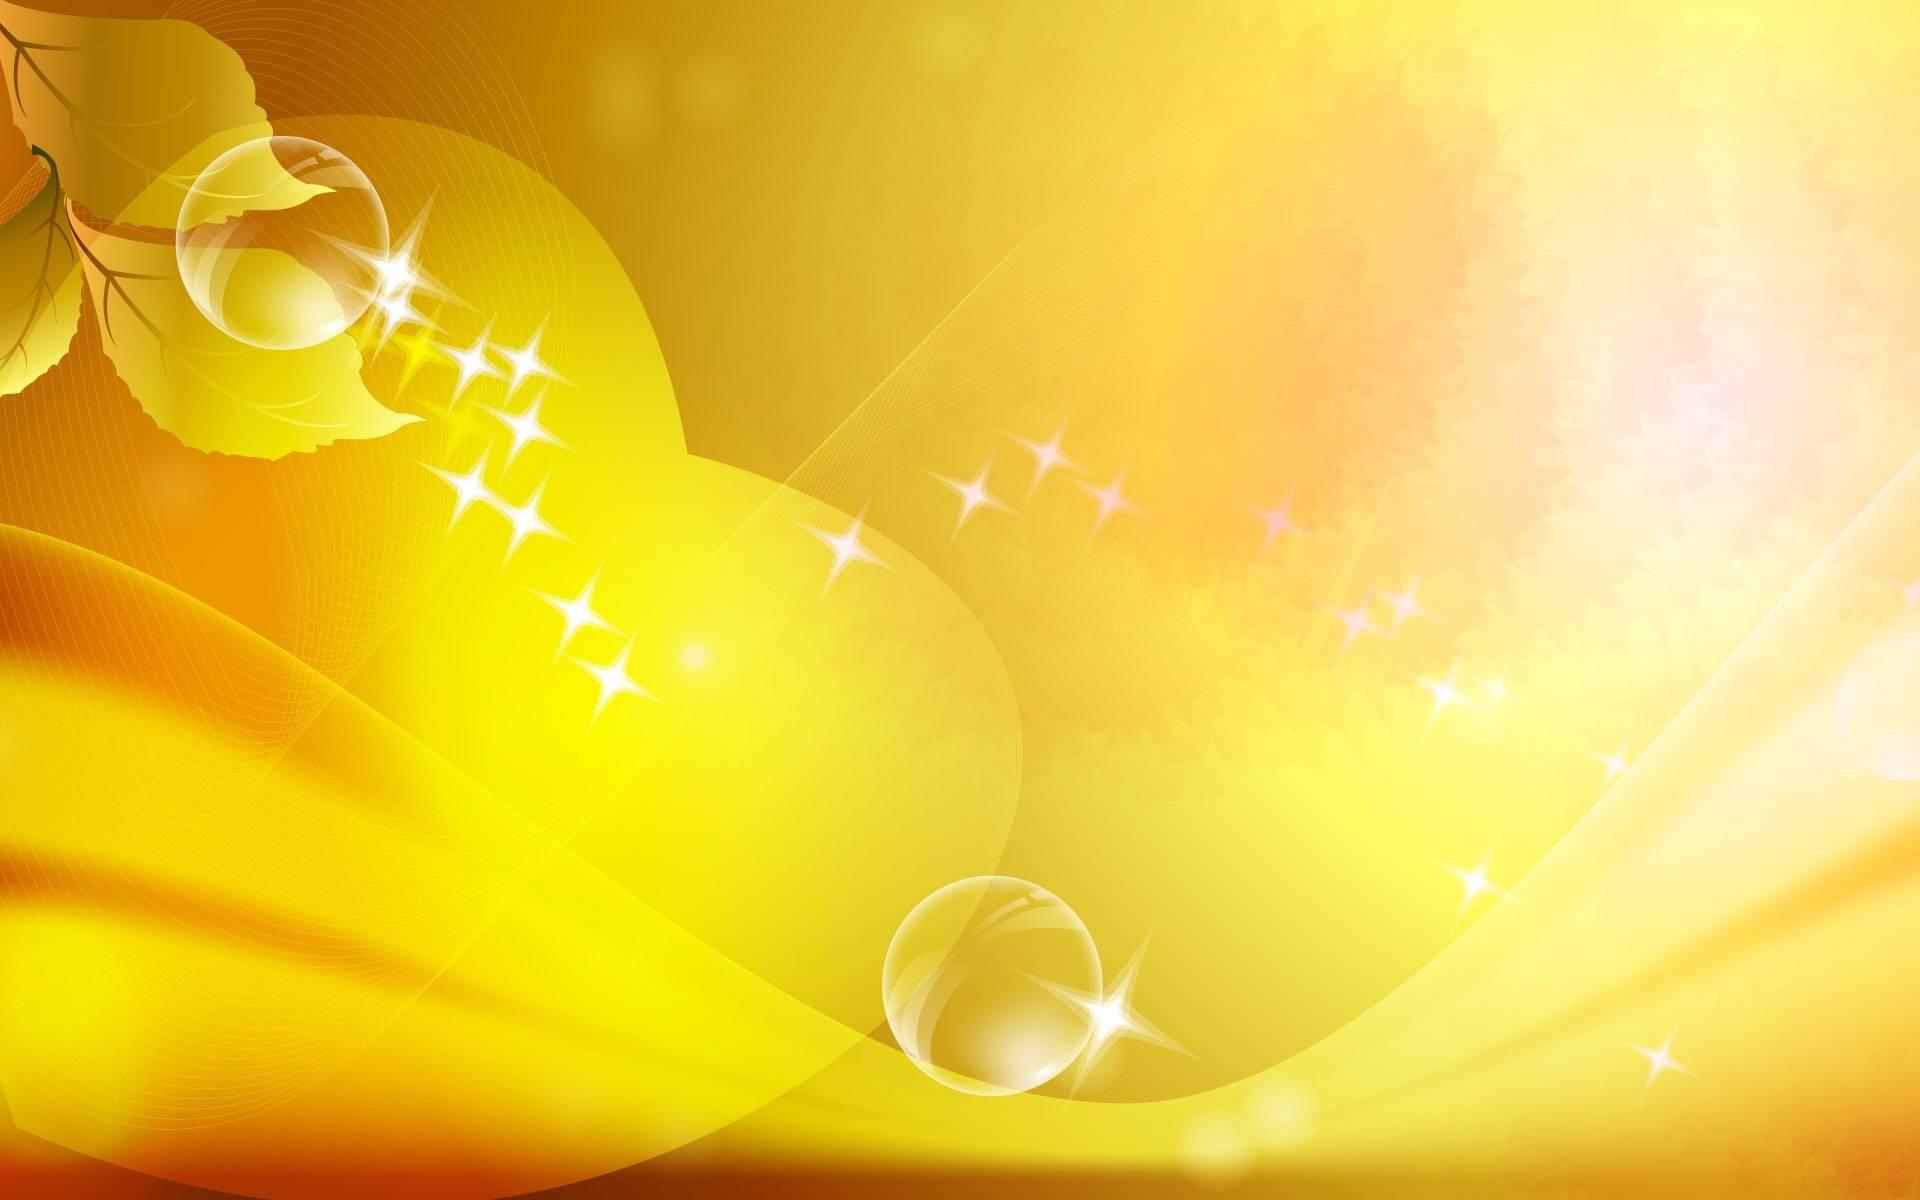 желтый цвет души